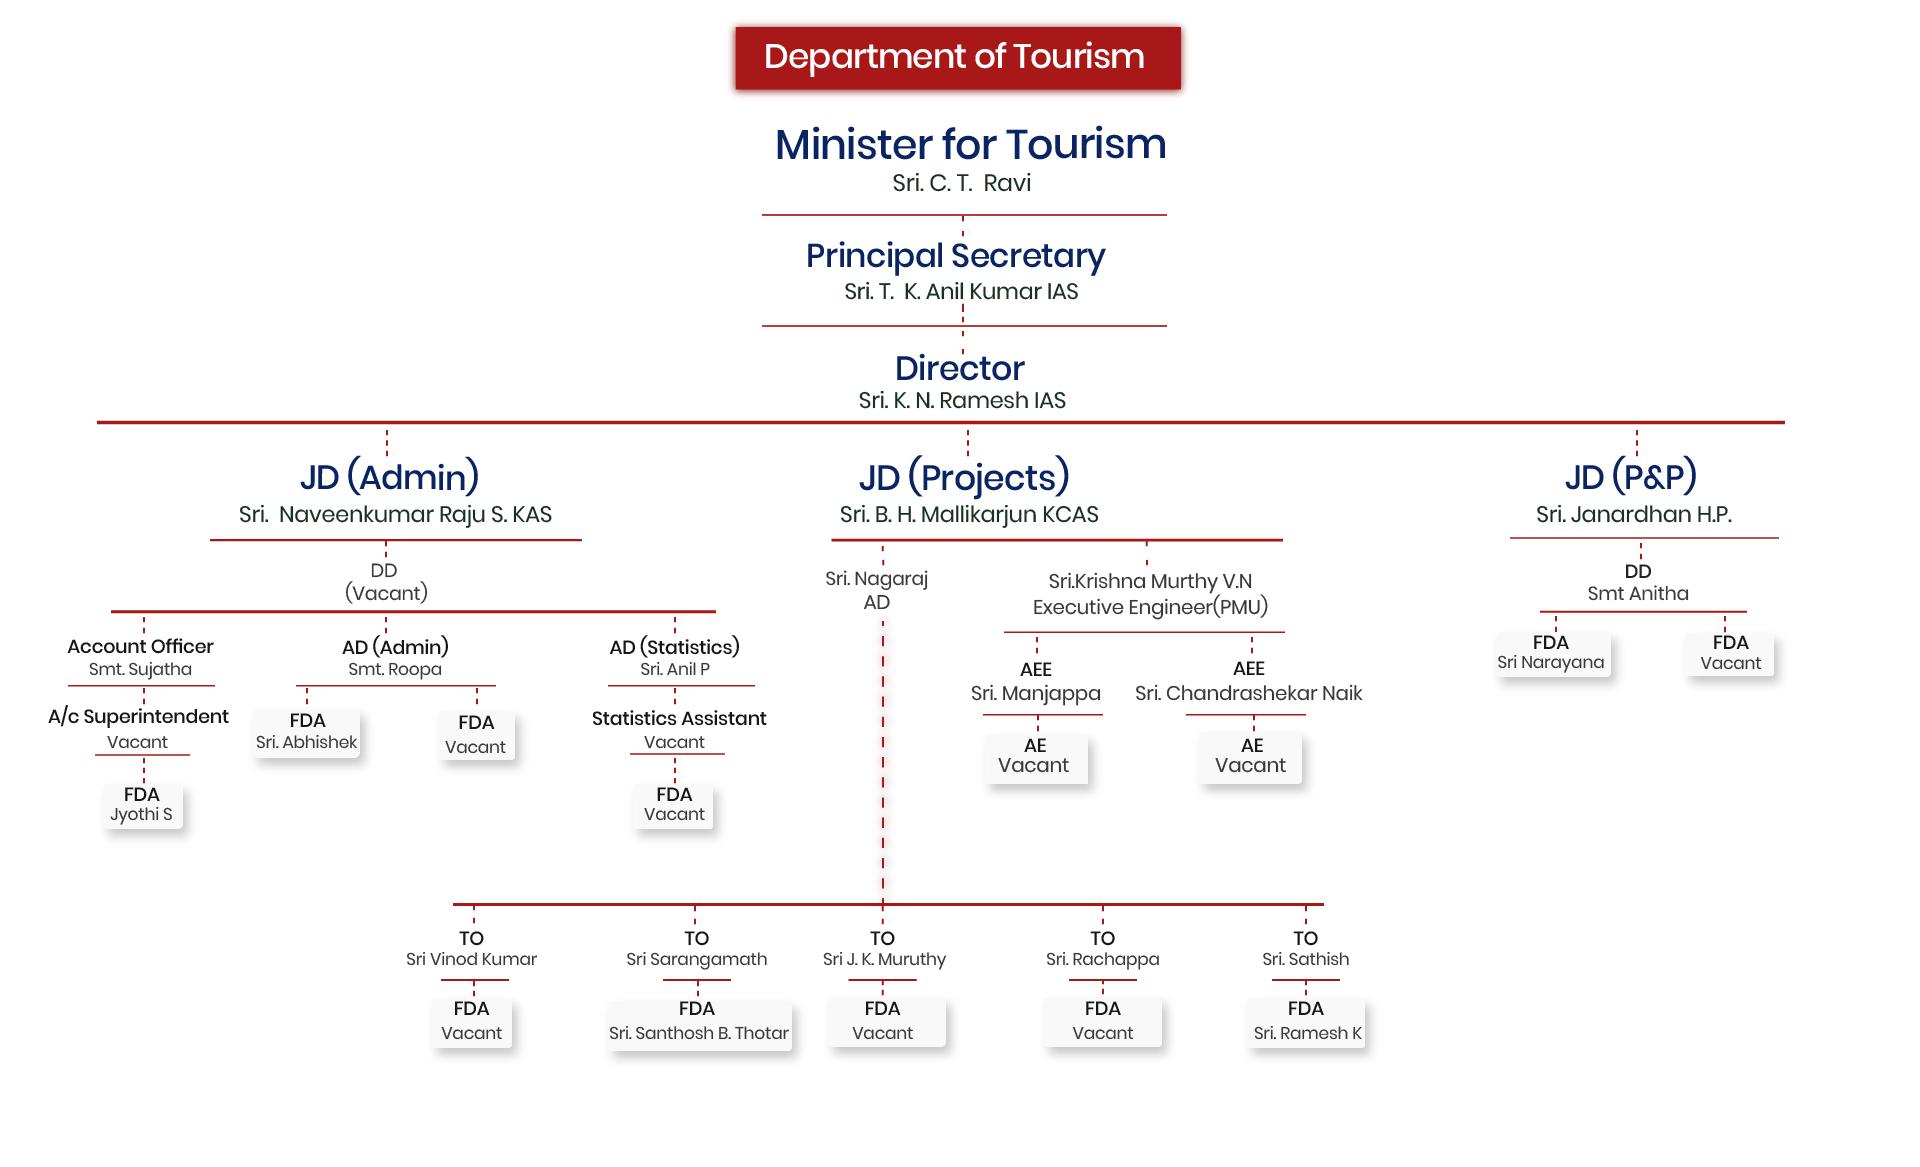 Tourism hierarchy